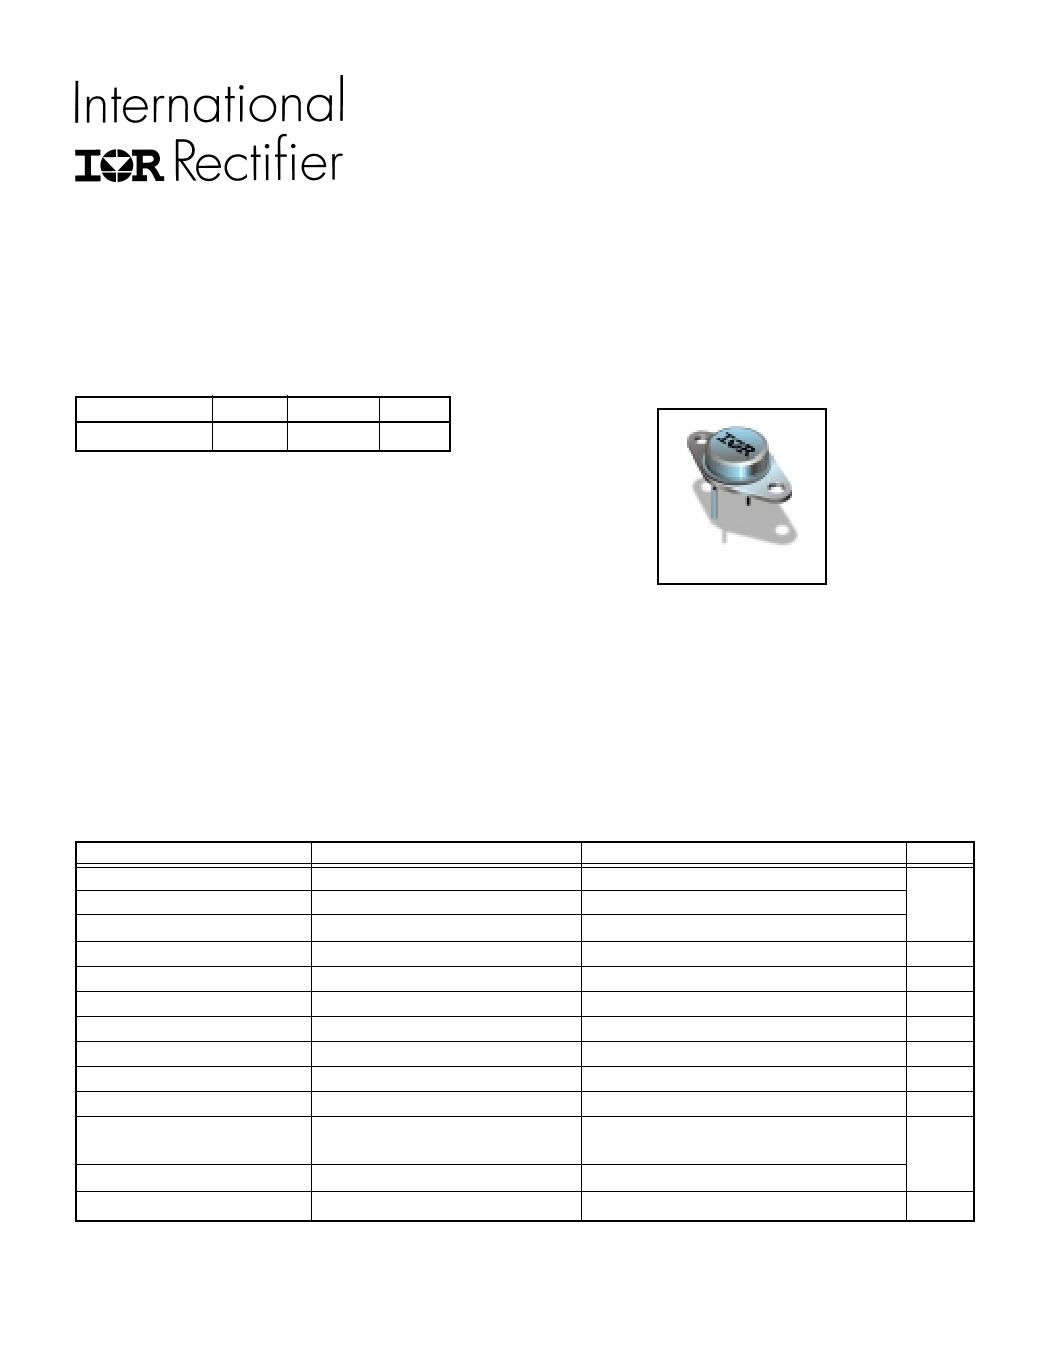 IRF430 datasheet